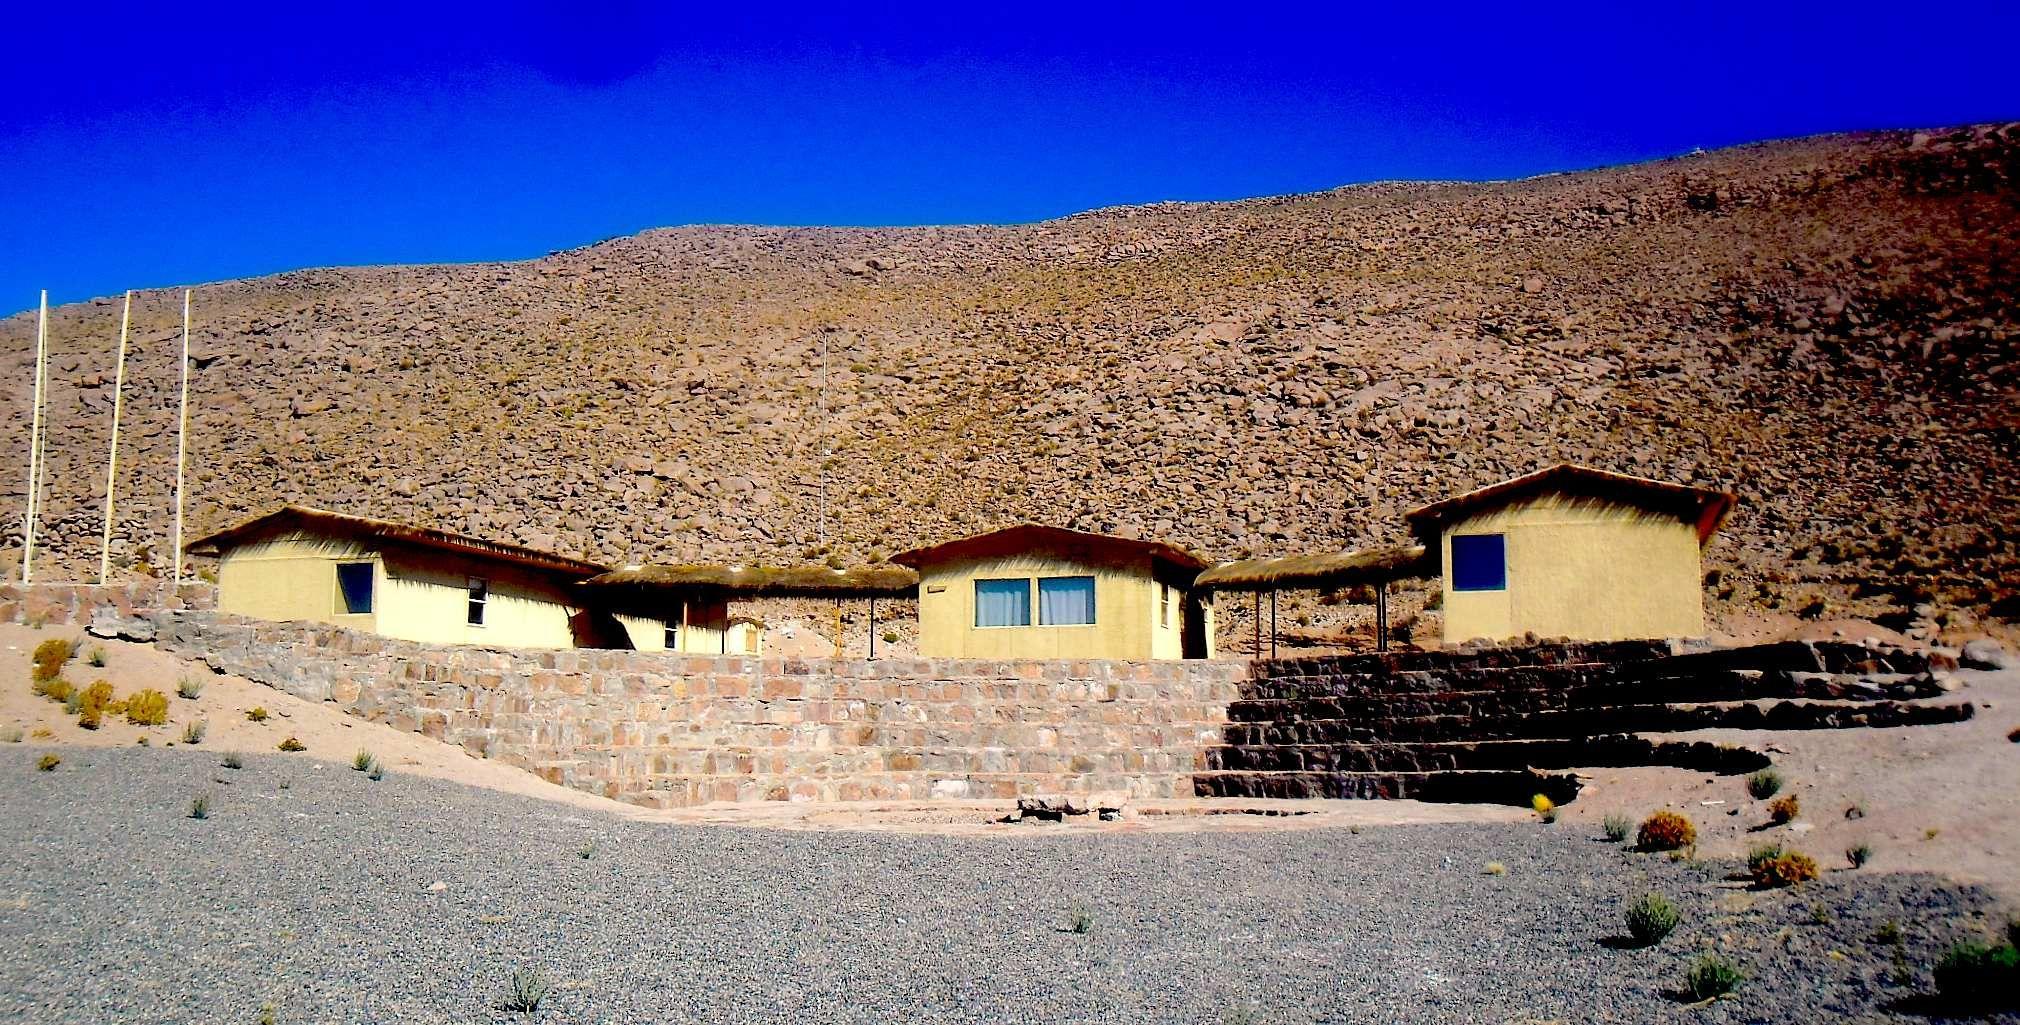 SEX ESCORT in Huasco